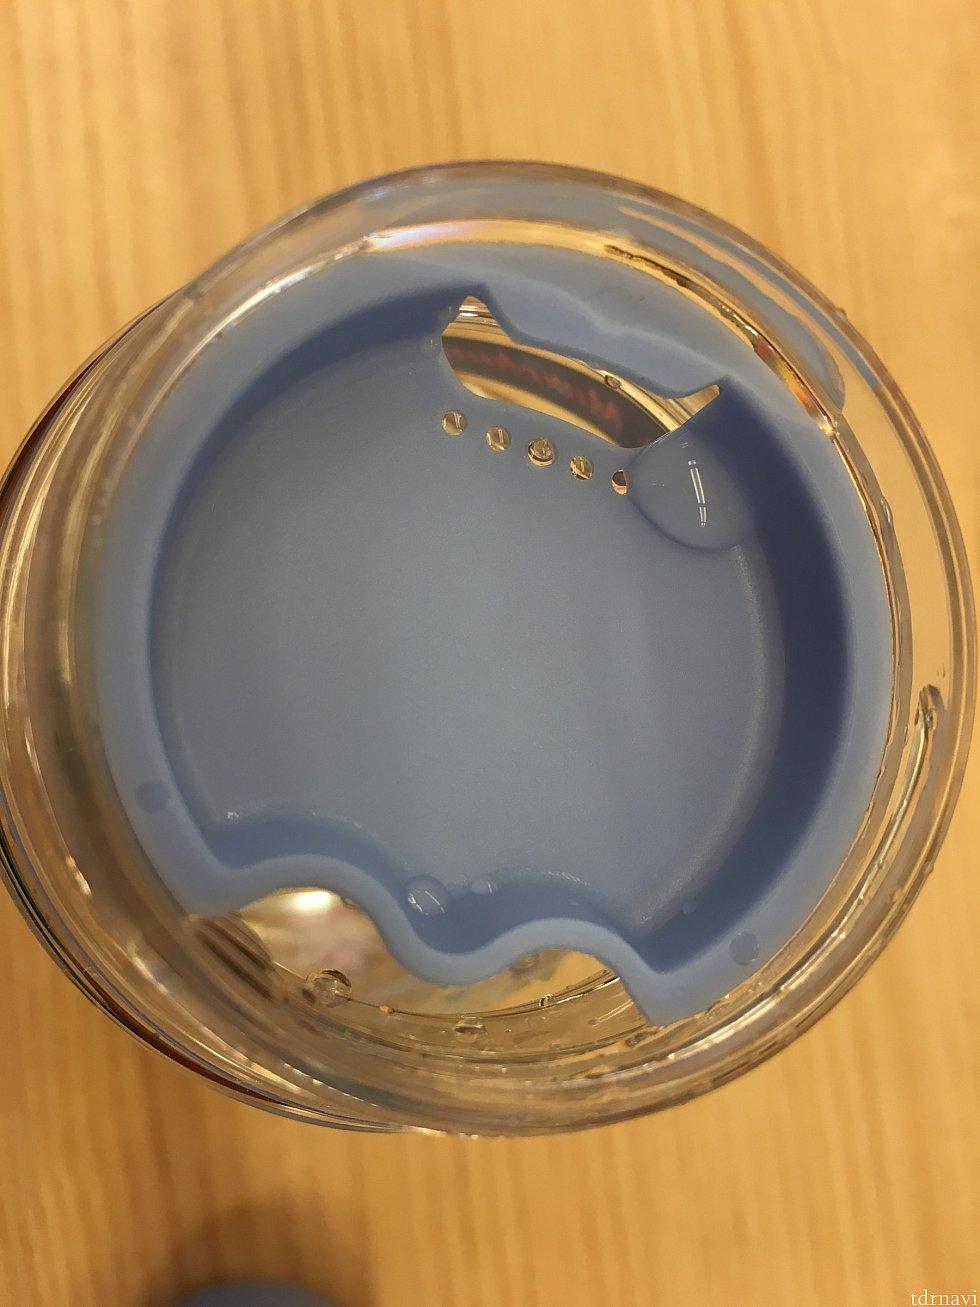 ボトル飲み口。 これを外すと開口部が広く開くので洗いやすい